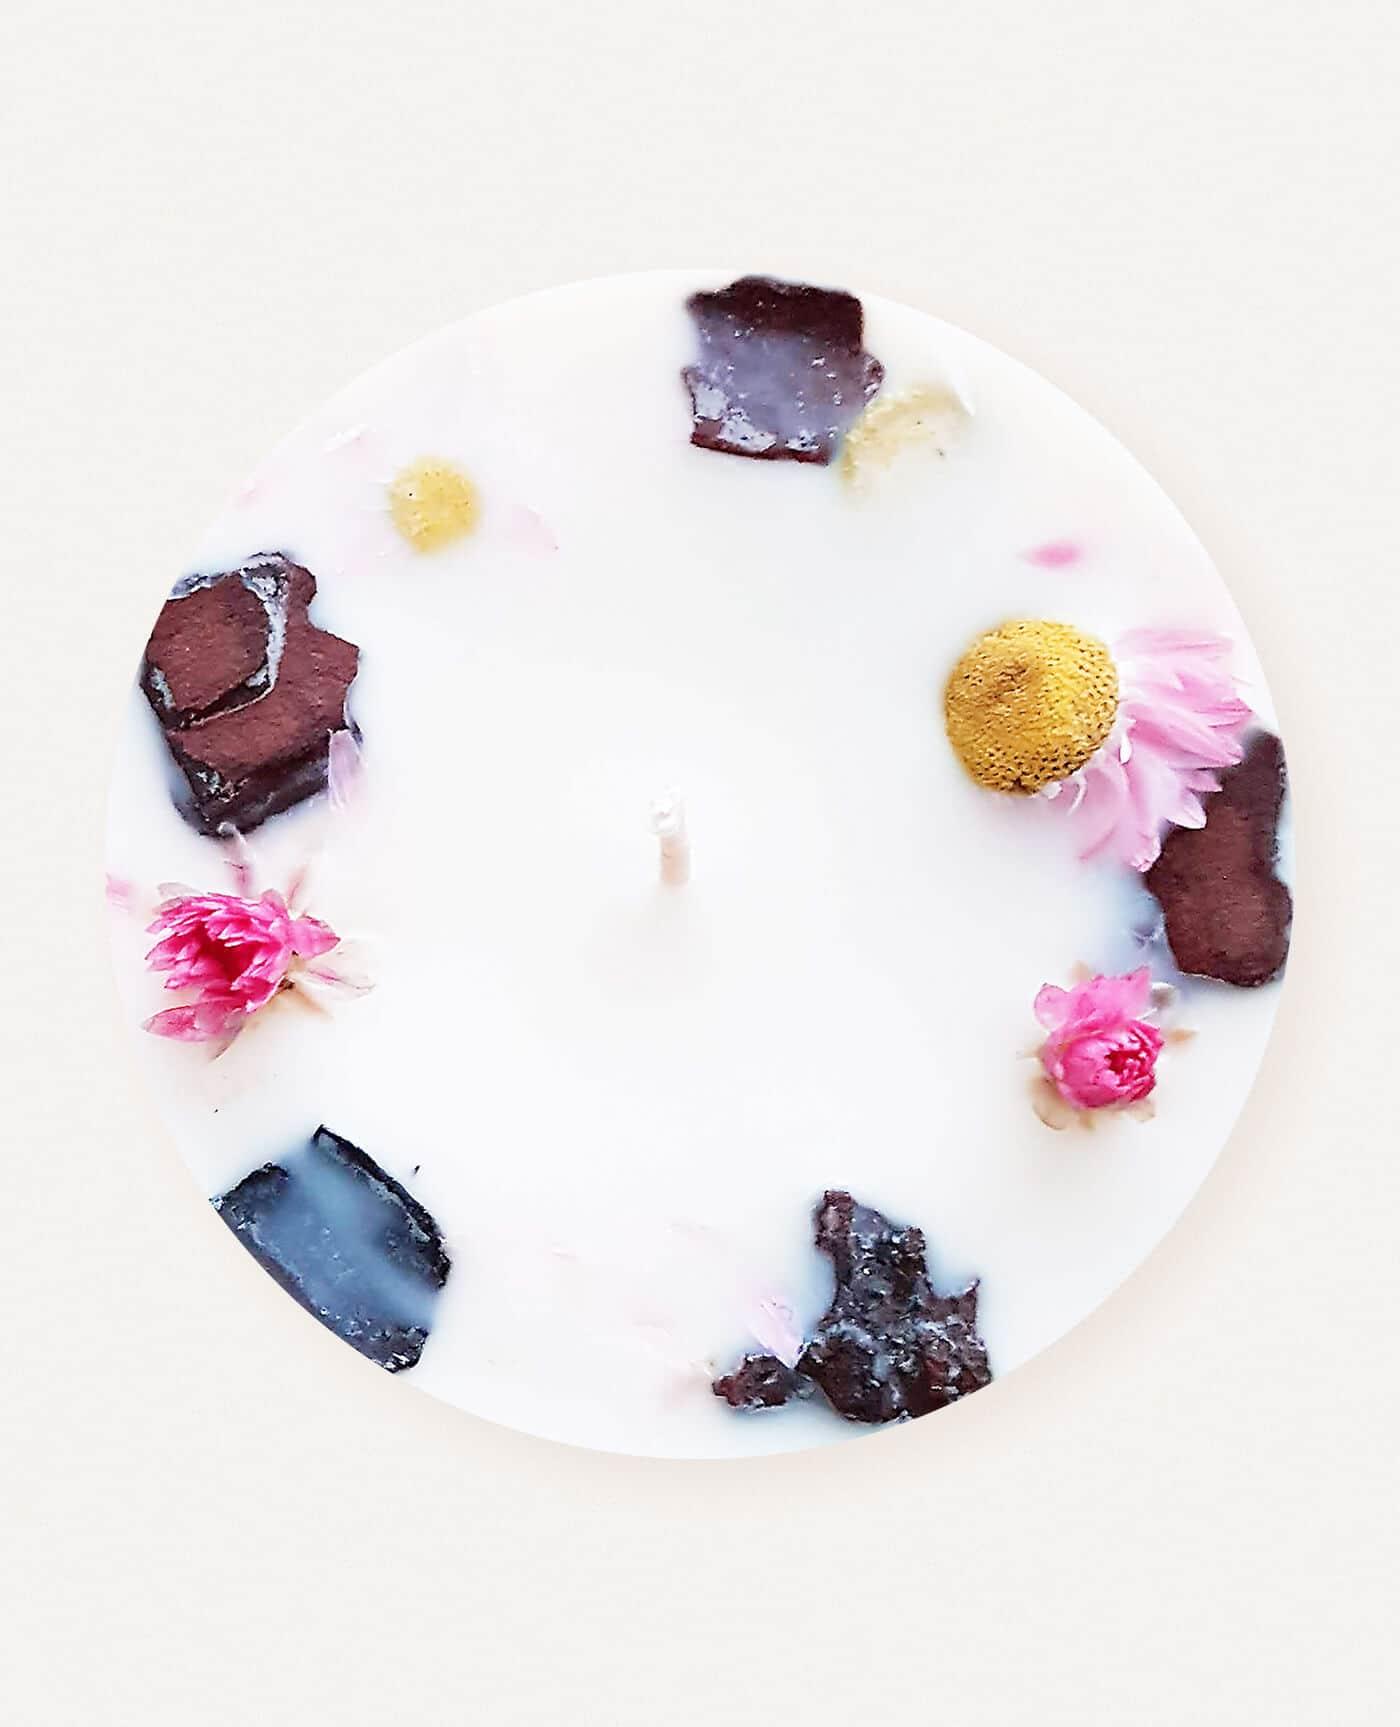 Bougie parfumée fleurie Palmarosa et arbres à thé aux huiles essentielles bio et vegan de la marque Ponoie made in France